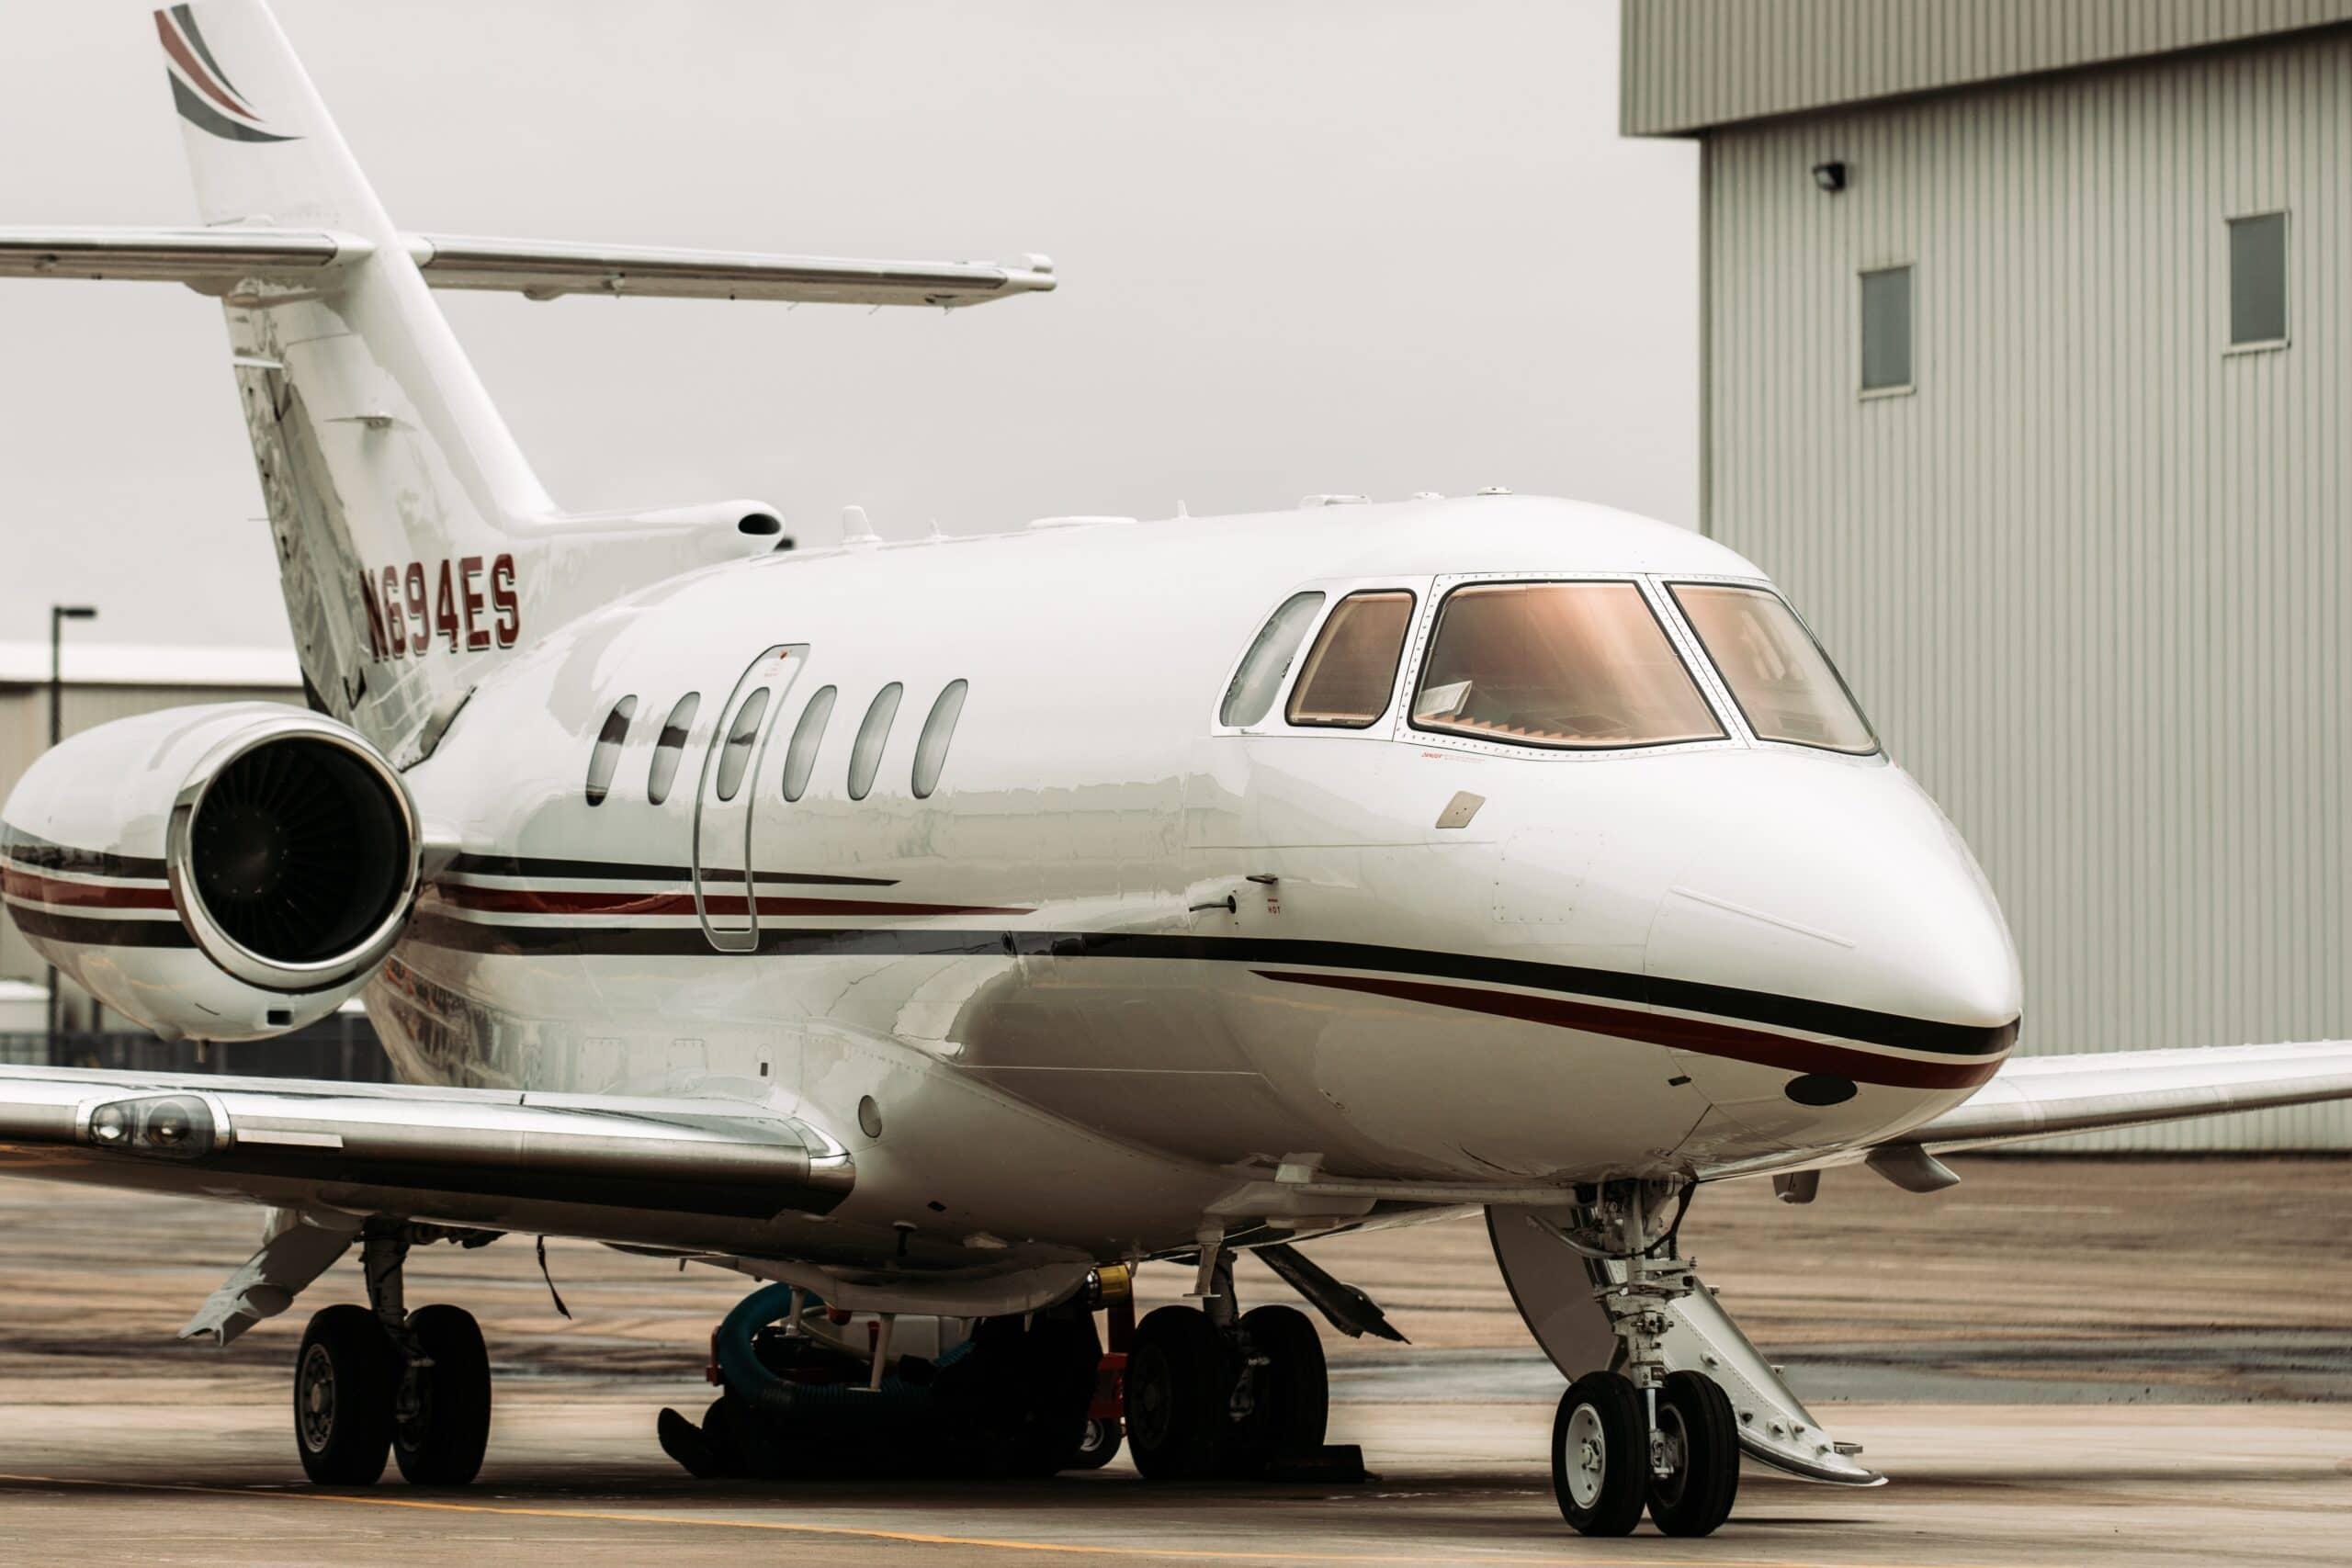 VIP Interior Aircraft Refurbishing